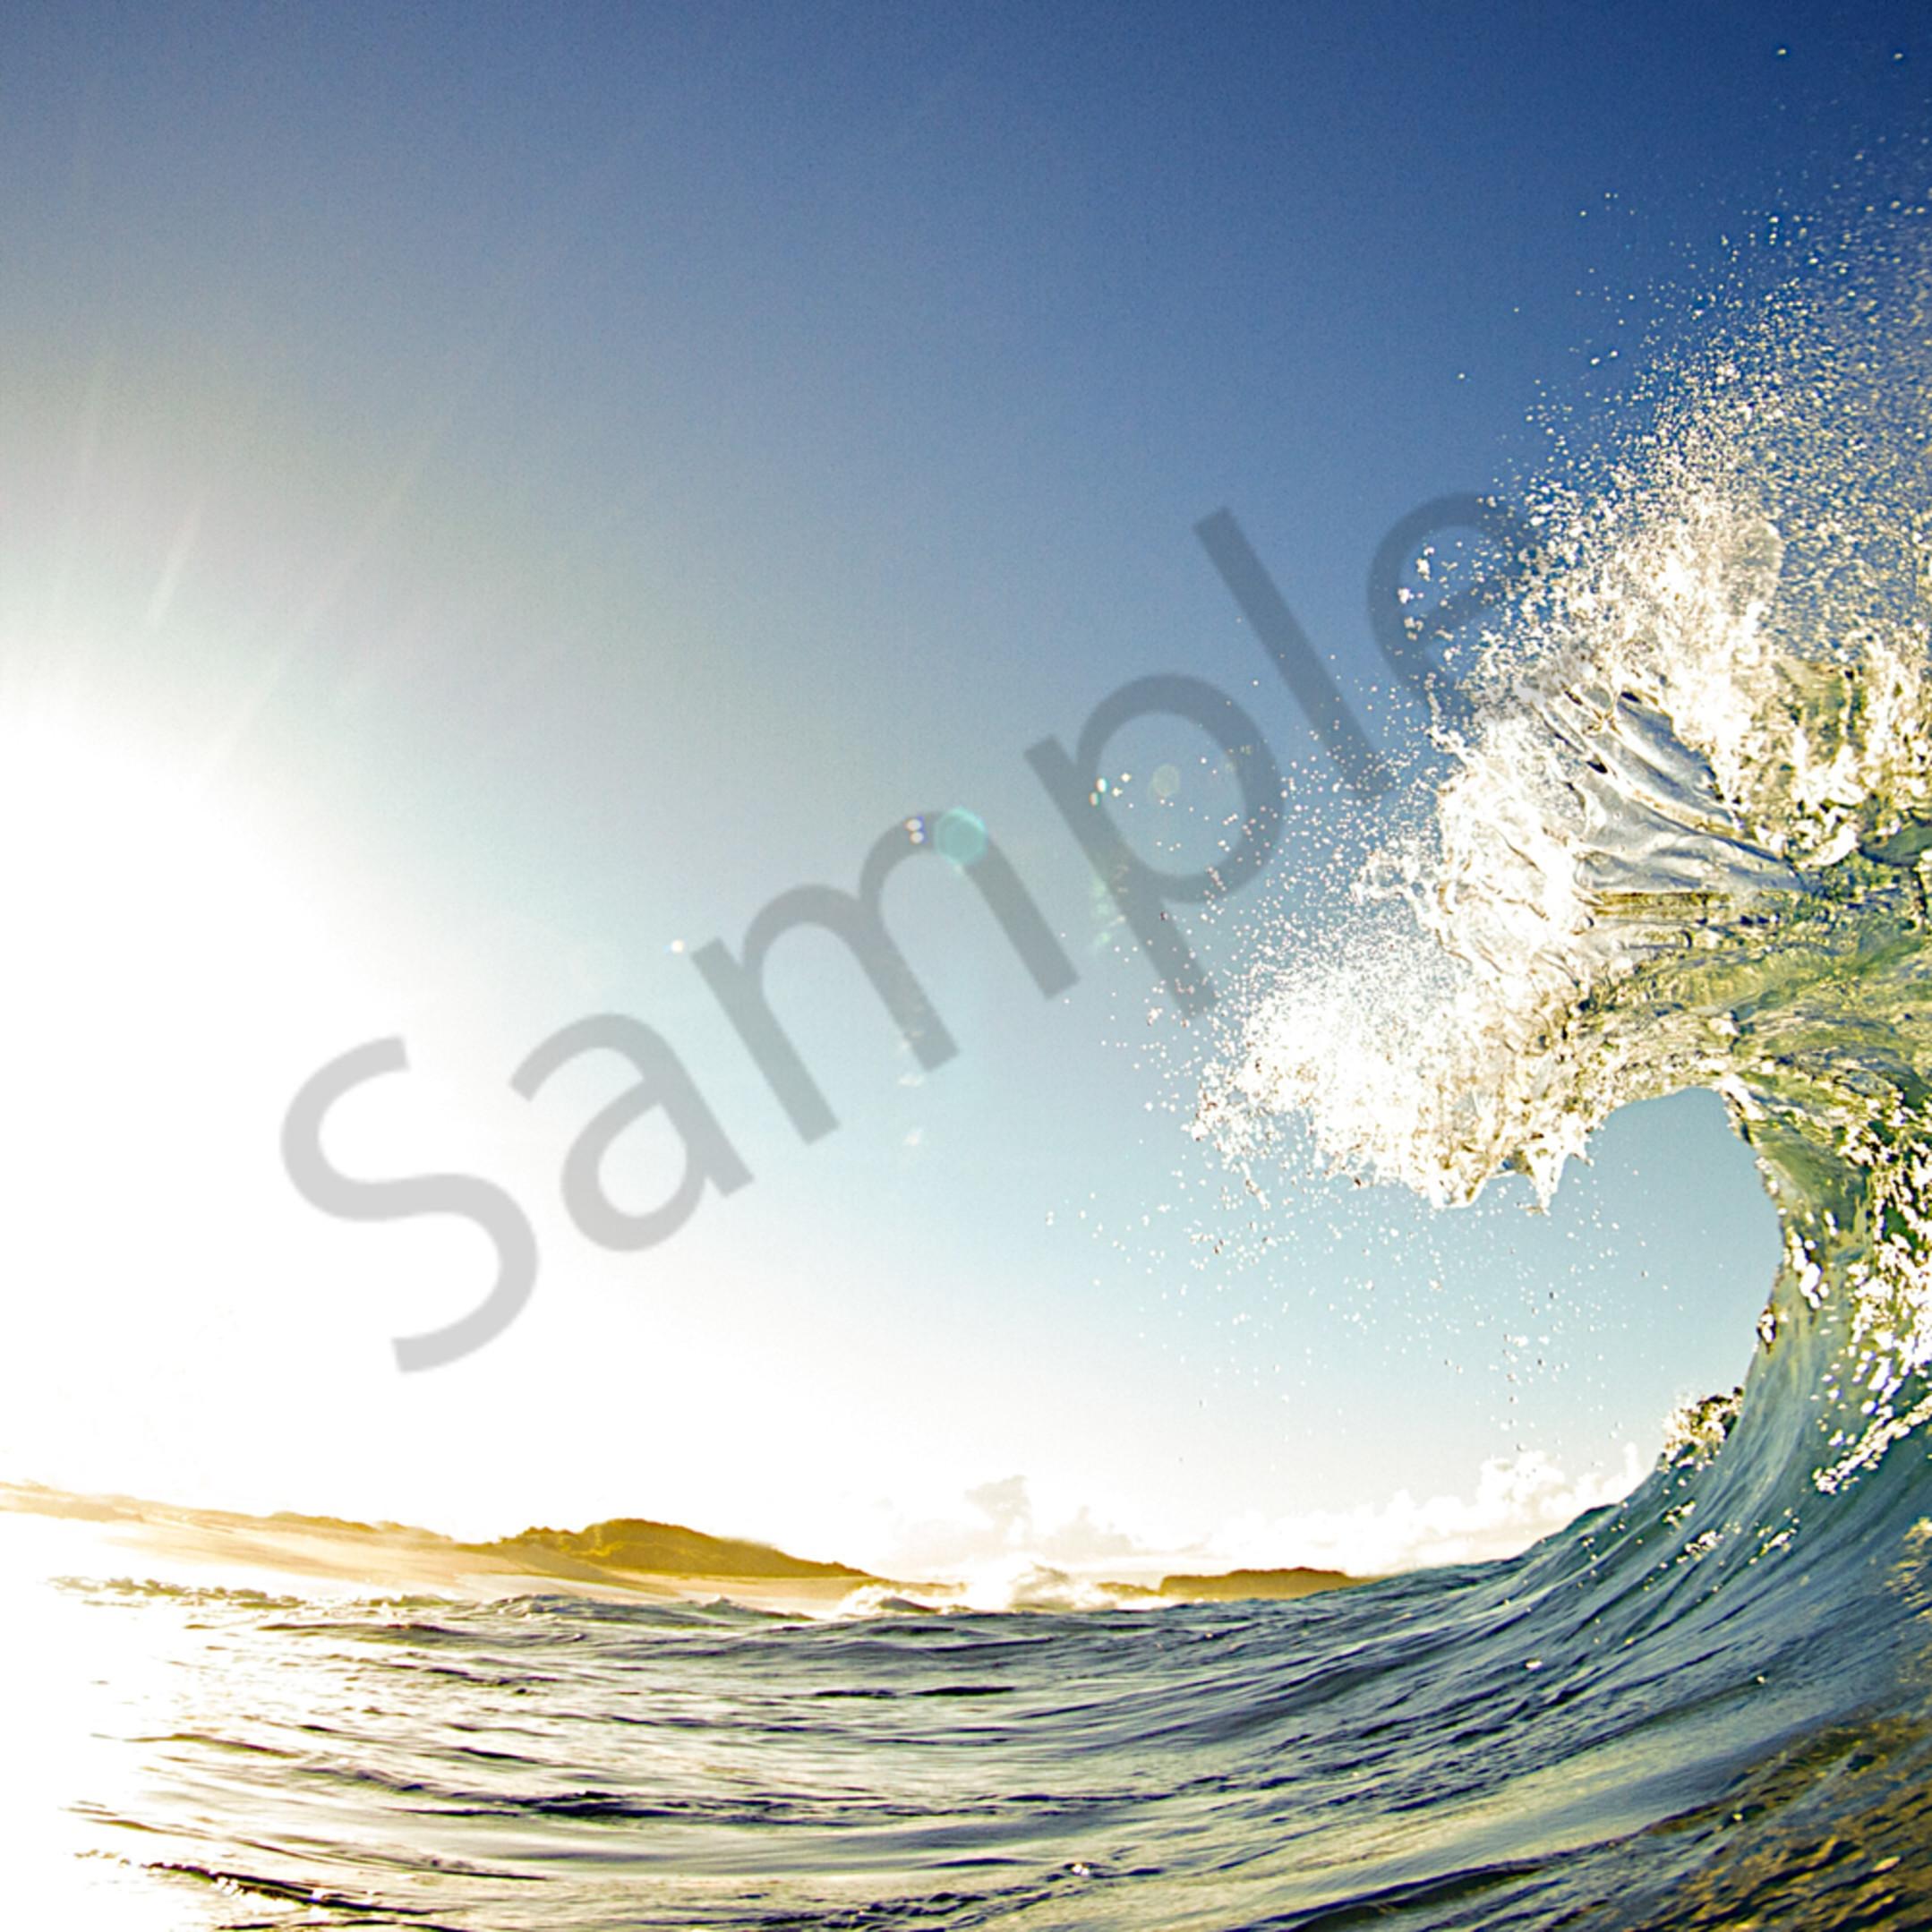 Wave photos water shot surf photos hawaii 84 qwtue8